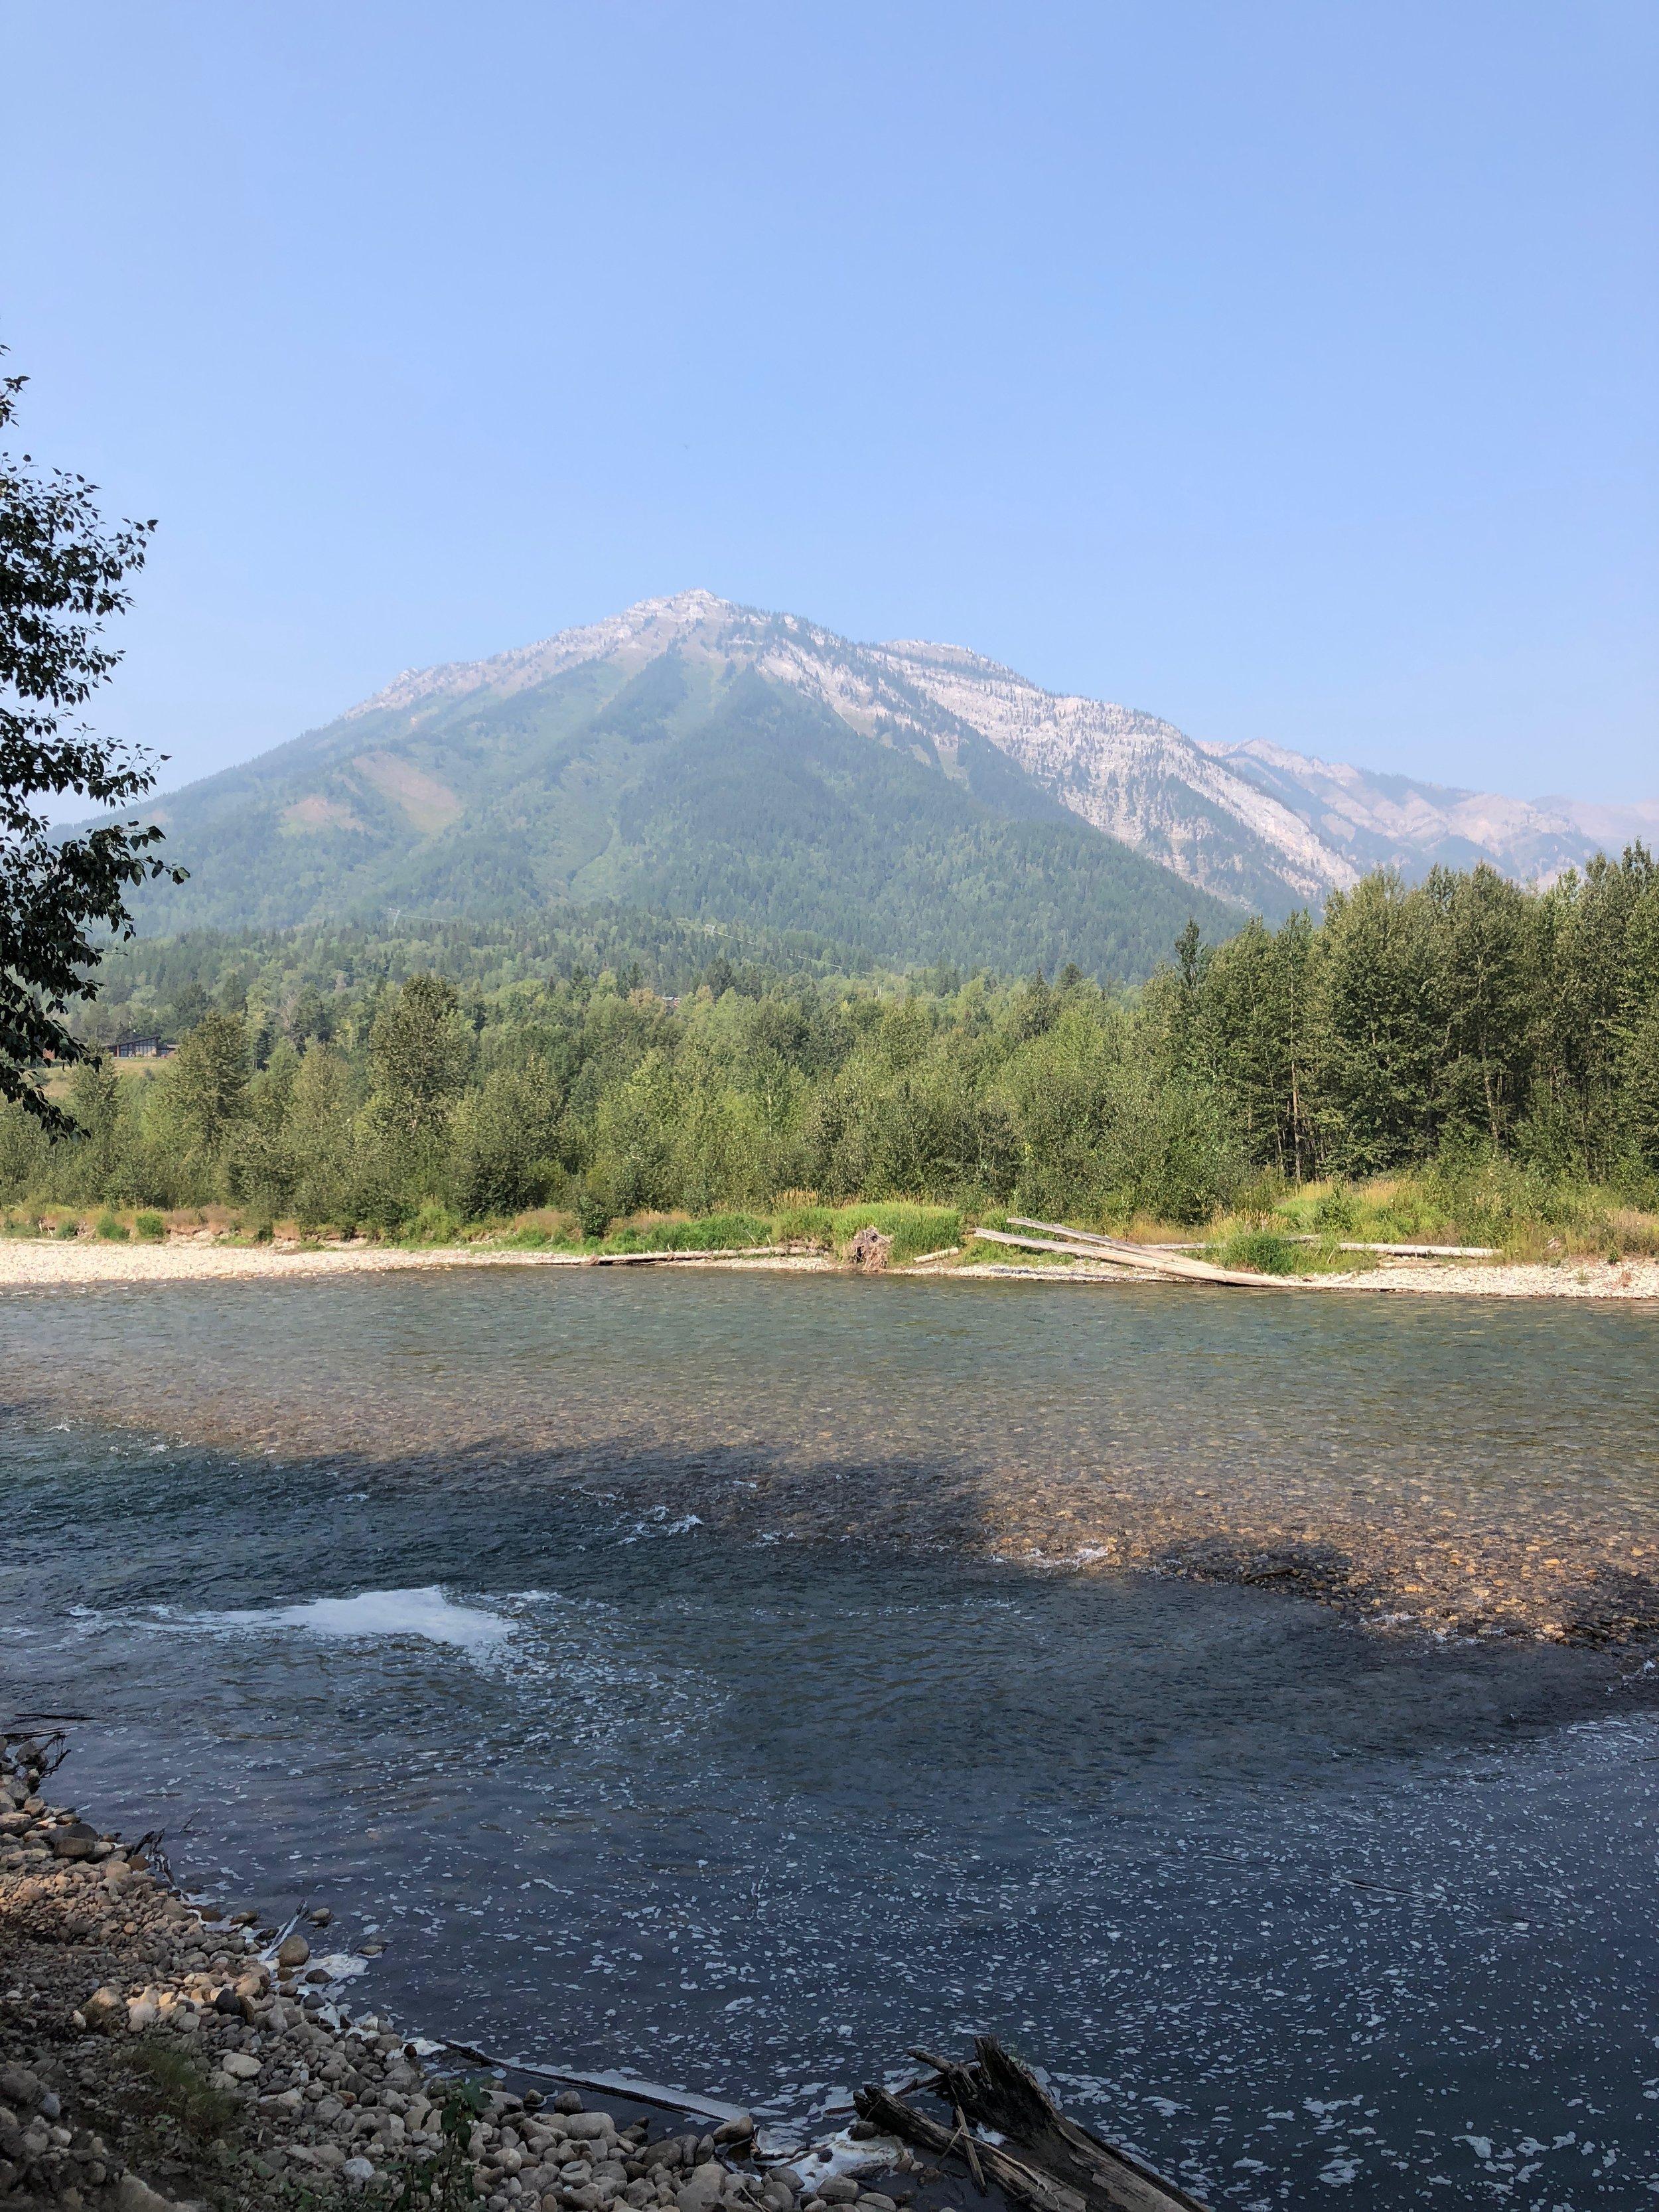 The Elk River runs right through Fernie